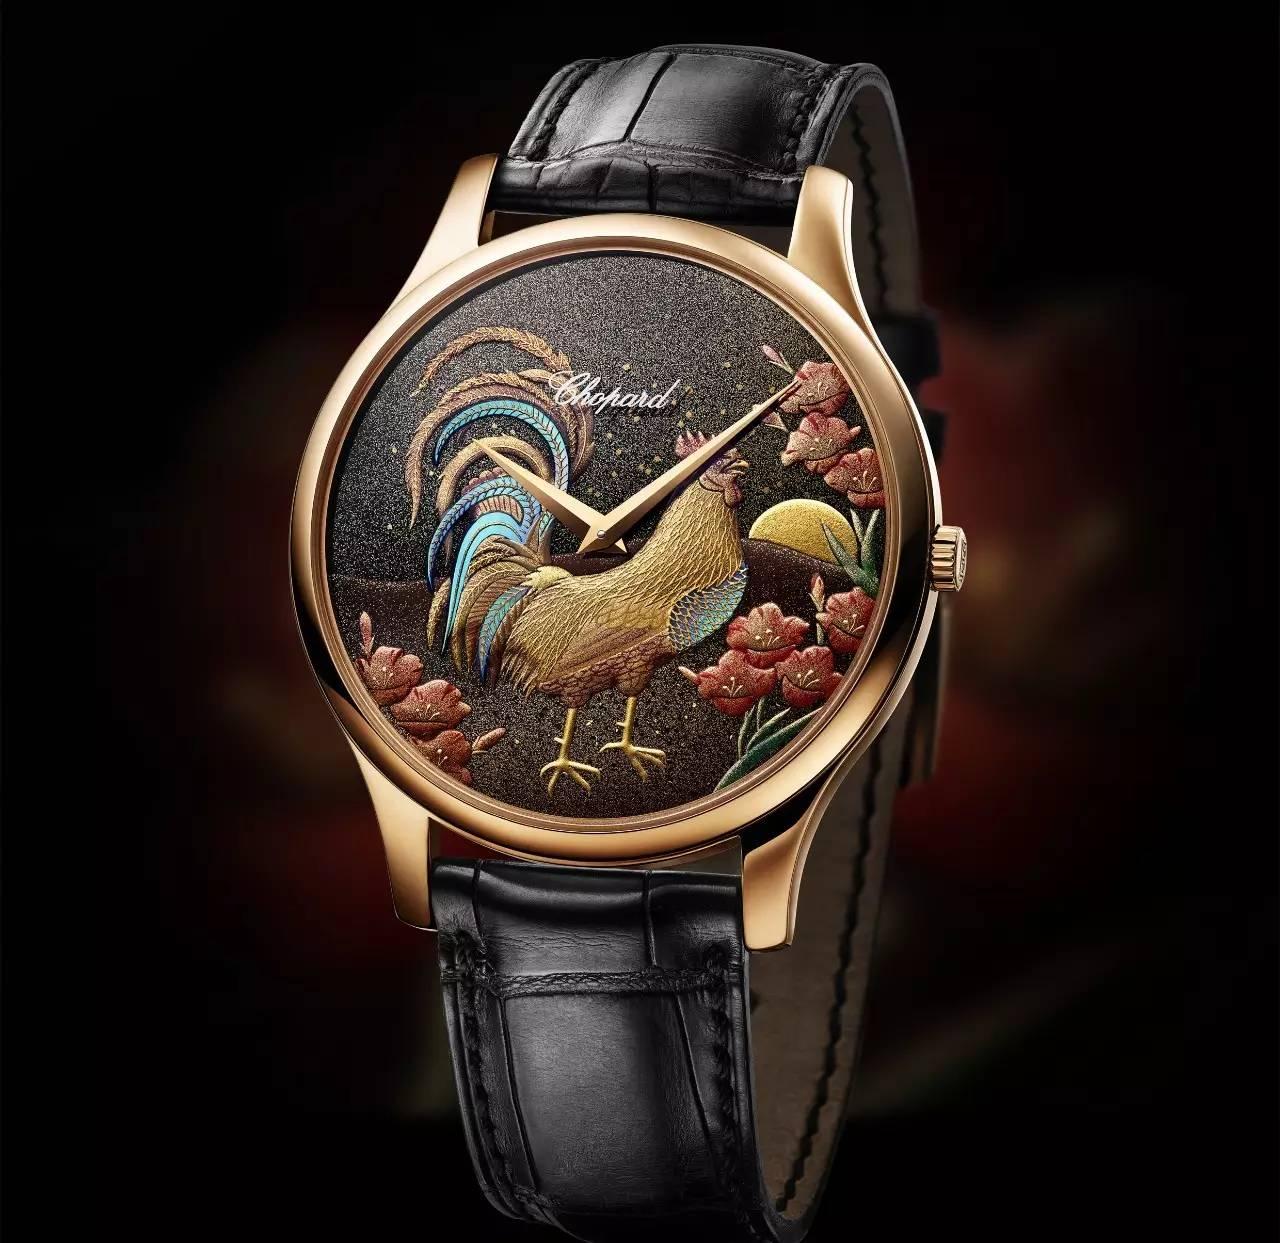 时光计 | 在极致匠心中,感受金鸡图腾与腕表的精妙融合